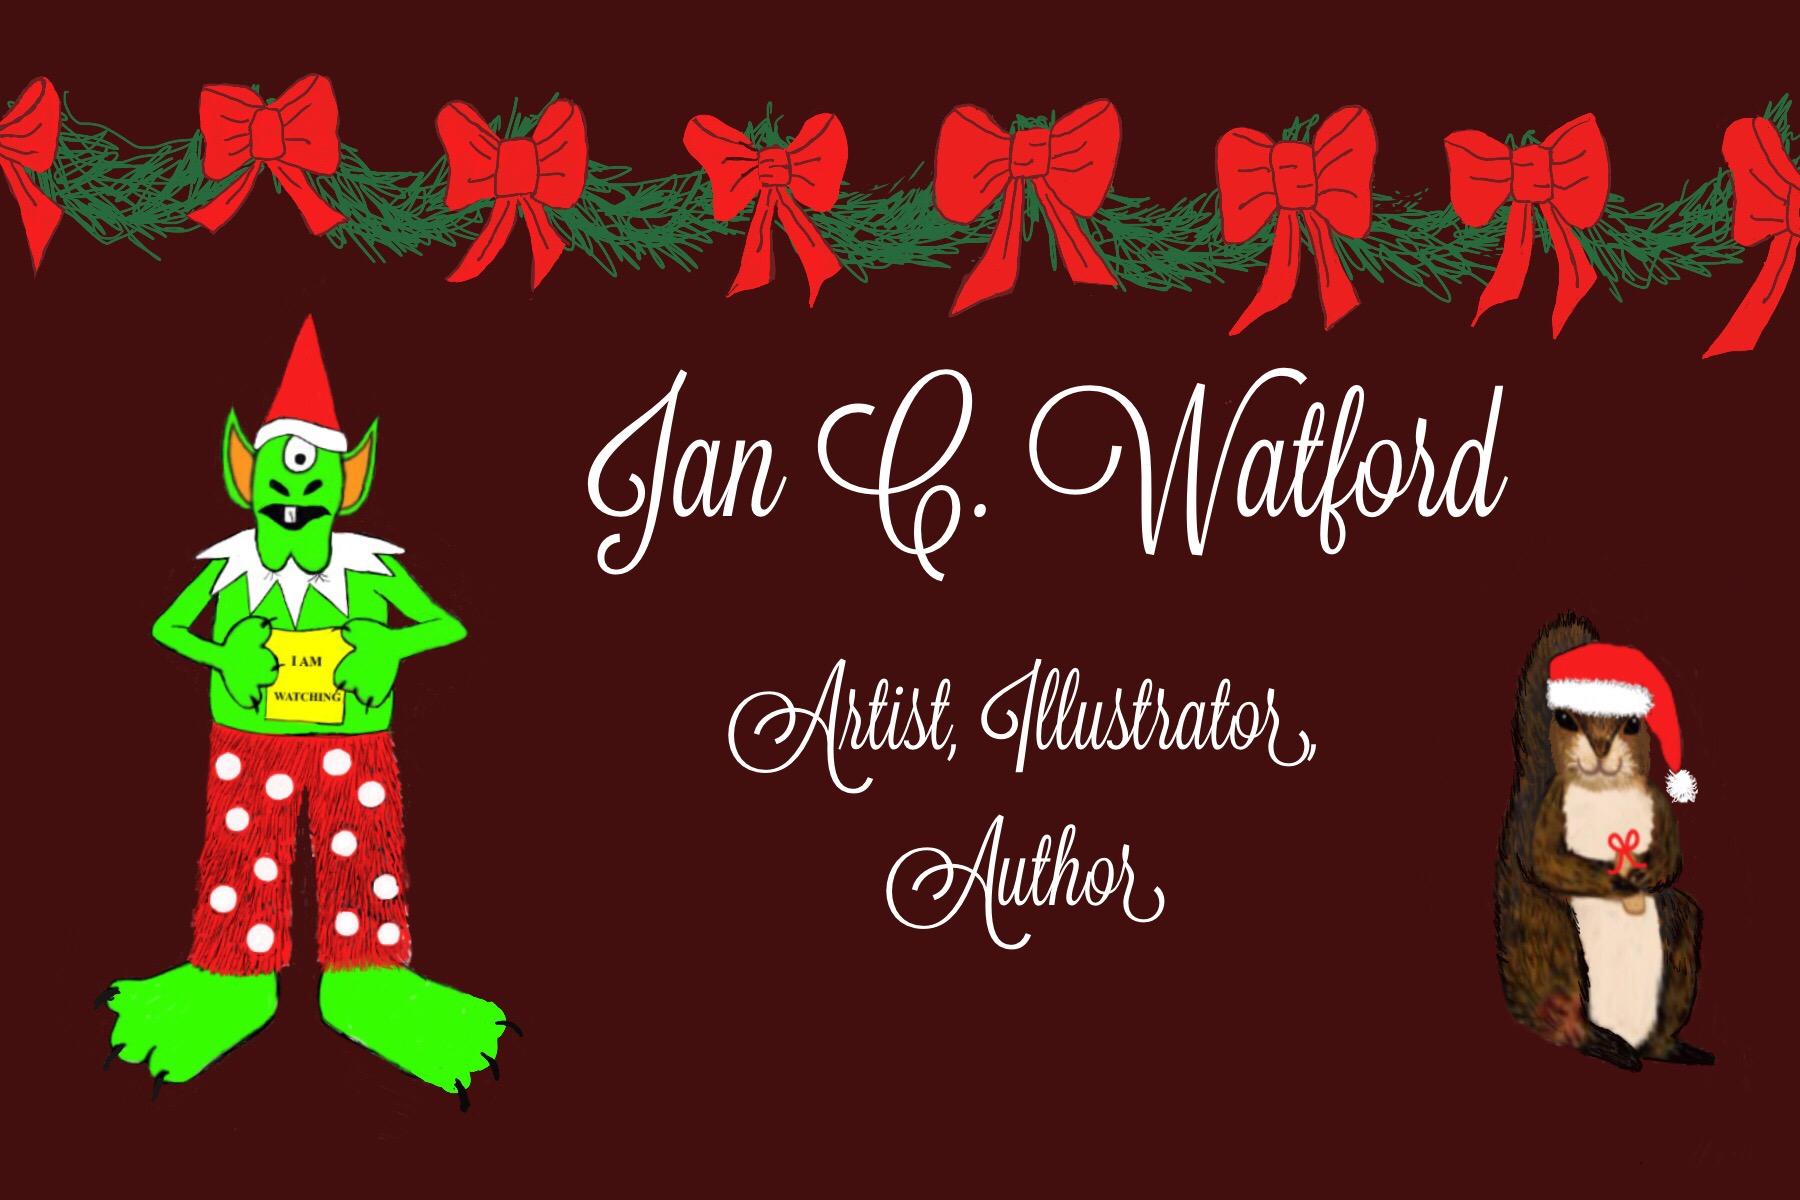 Jan C Watford